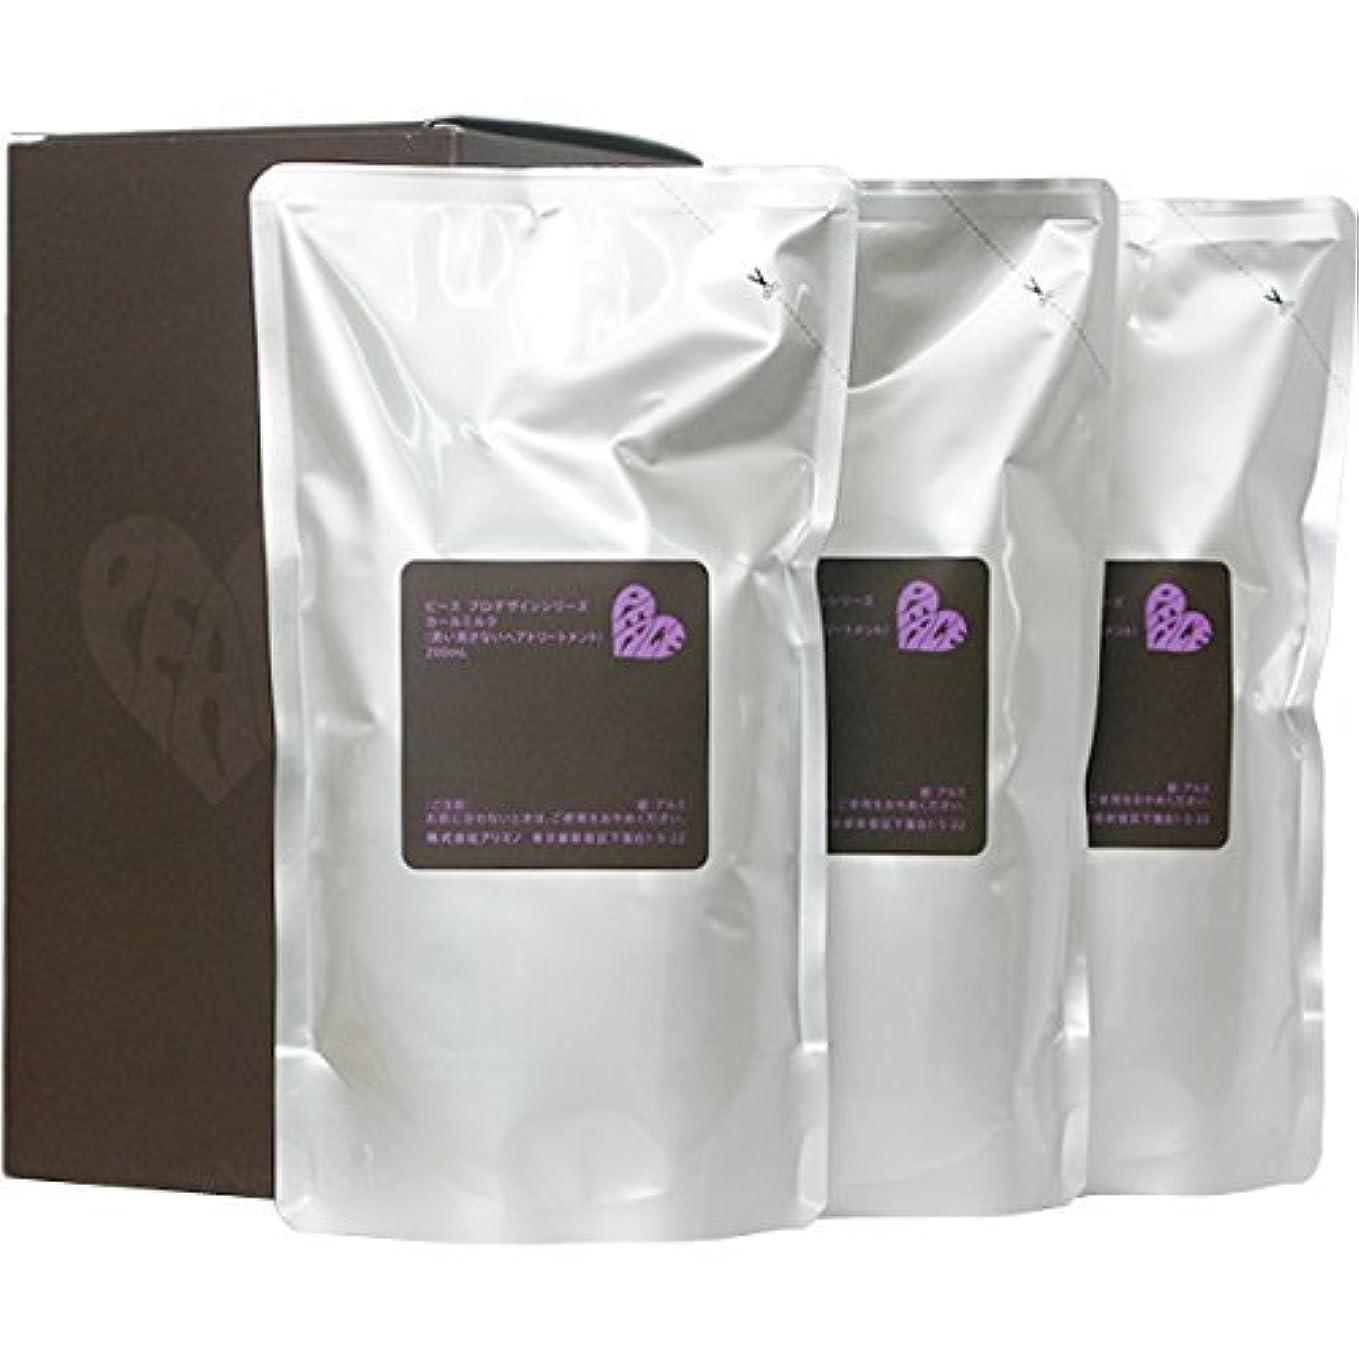 急いでコンサートトロピカルピース プロデザインシリーズ カールミルク チョコ リフィル 200ml×3